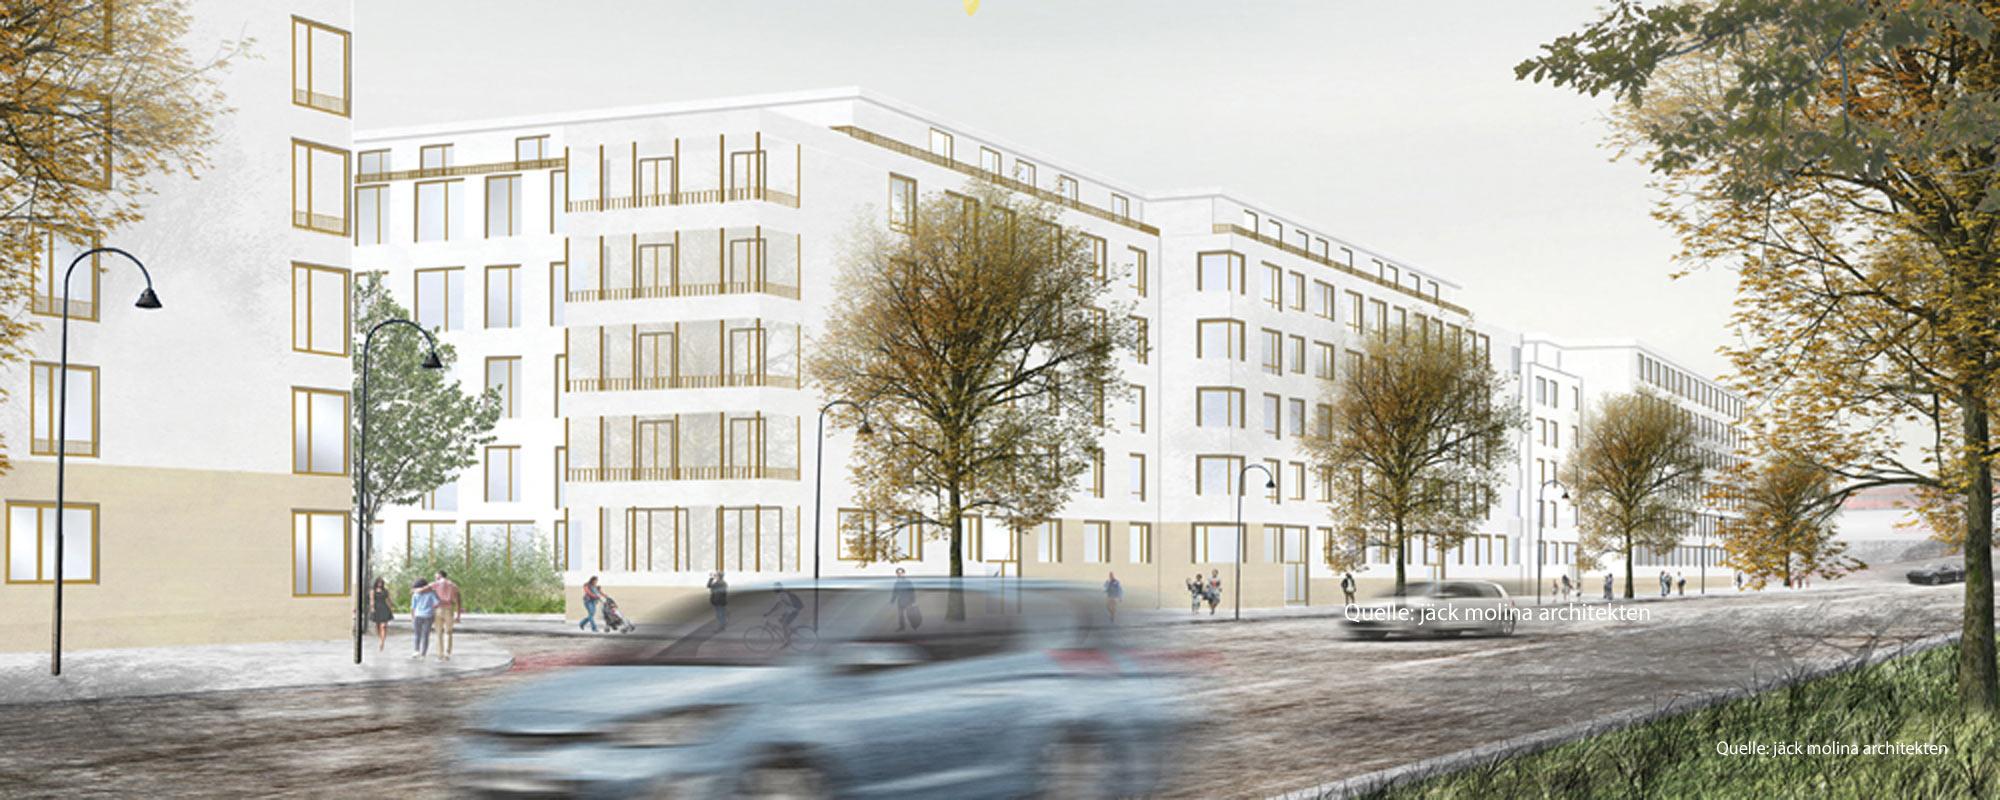 Erschließungsplanung_Kalker_Hauptstraße_1